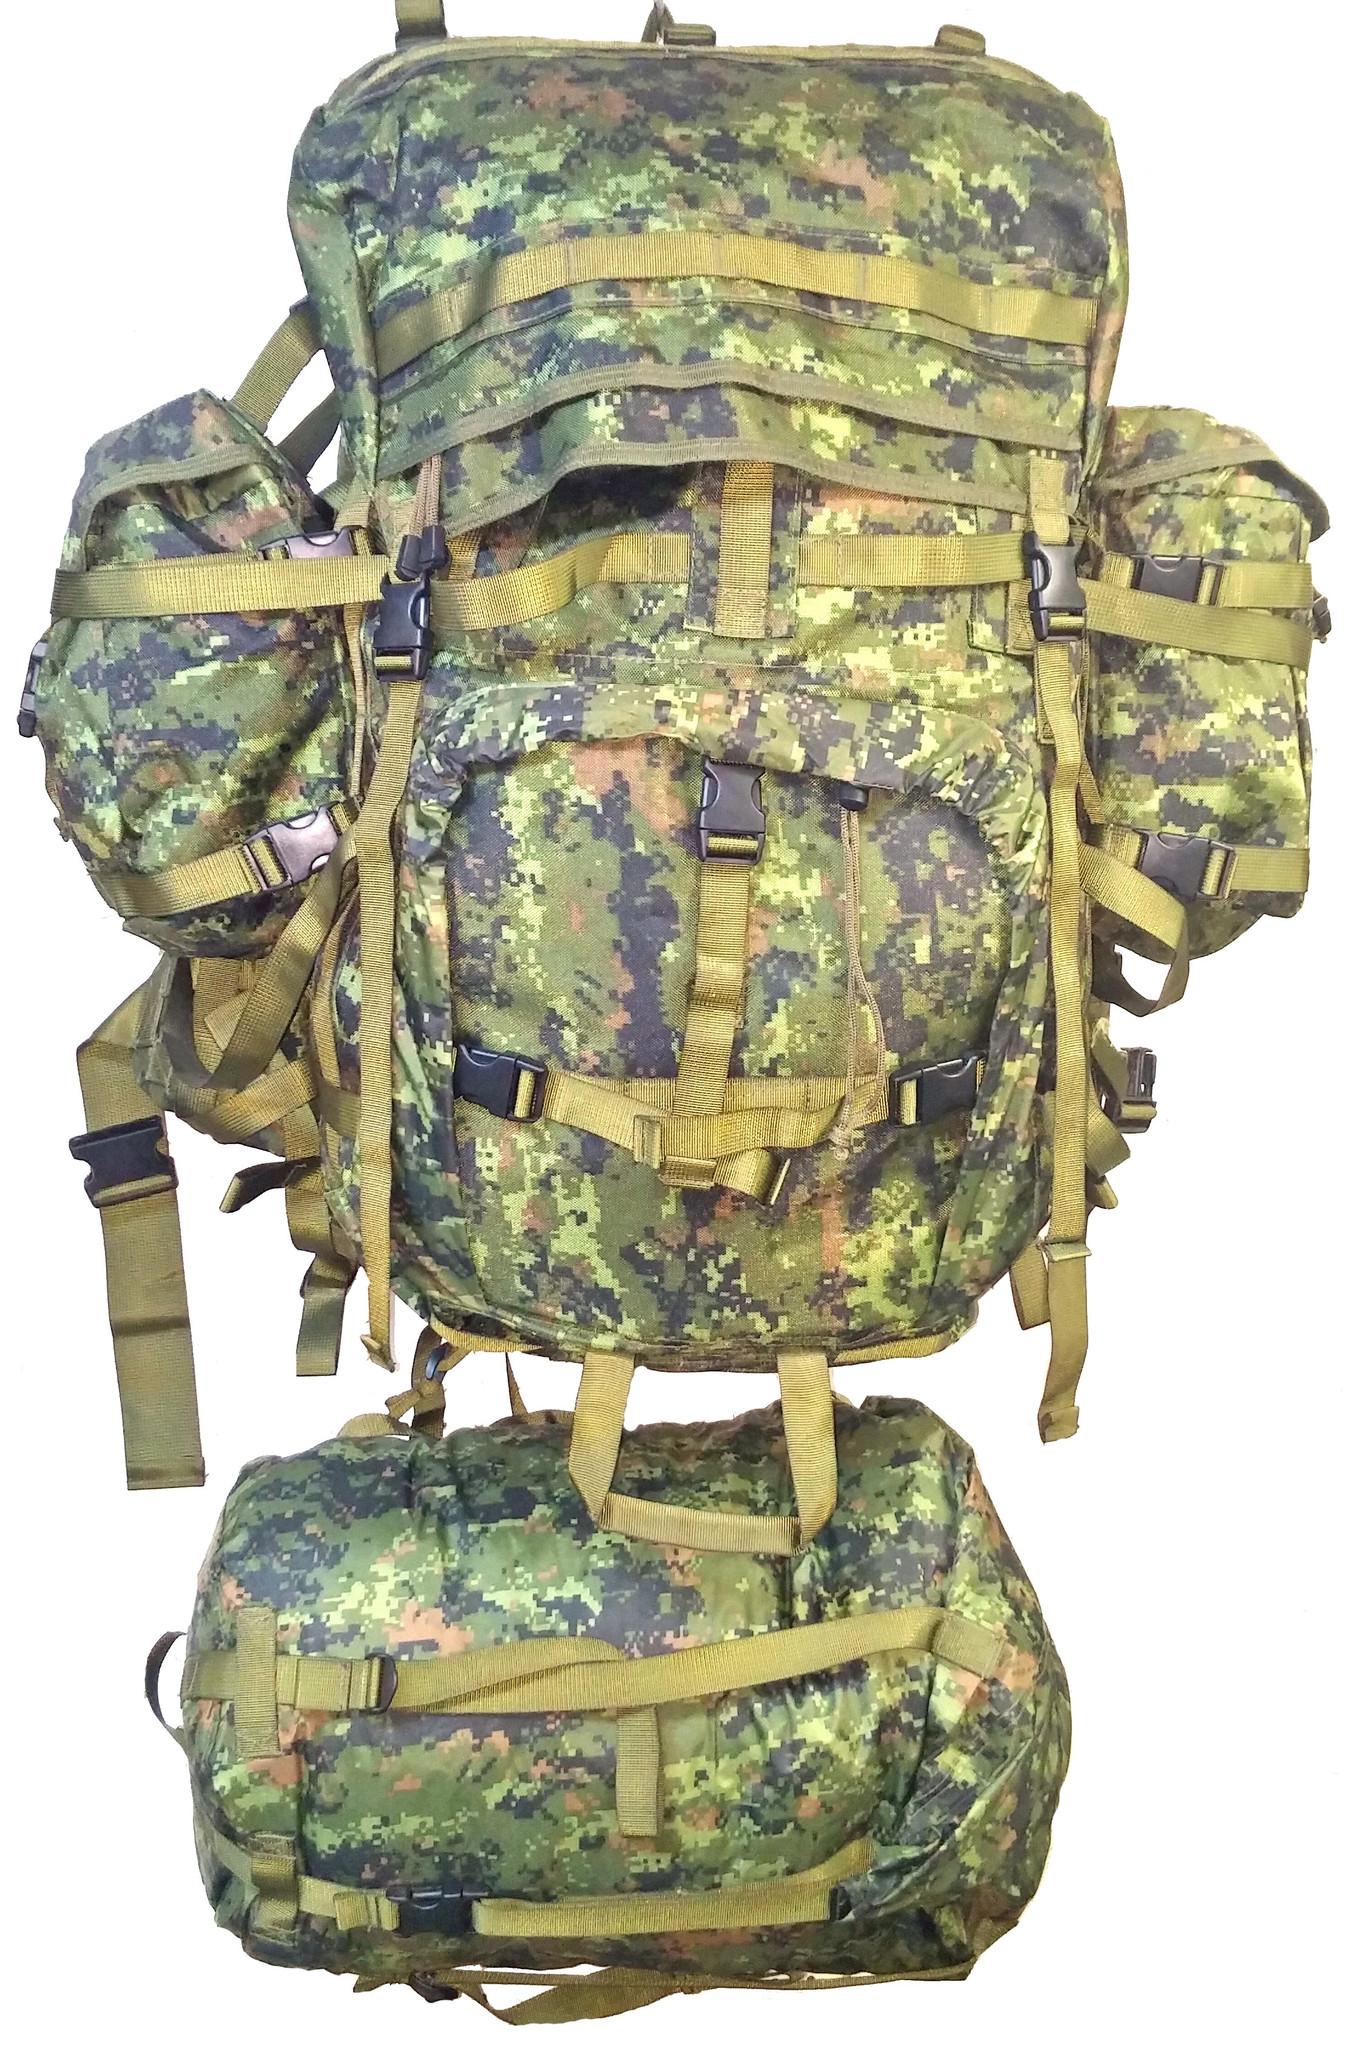 Sacs de chasse militaires Sac de transport en nylon r/ésistant multi-usages tactique utilitaire gadget /à suspendre /à la taille